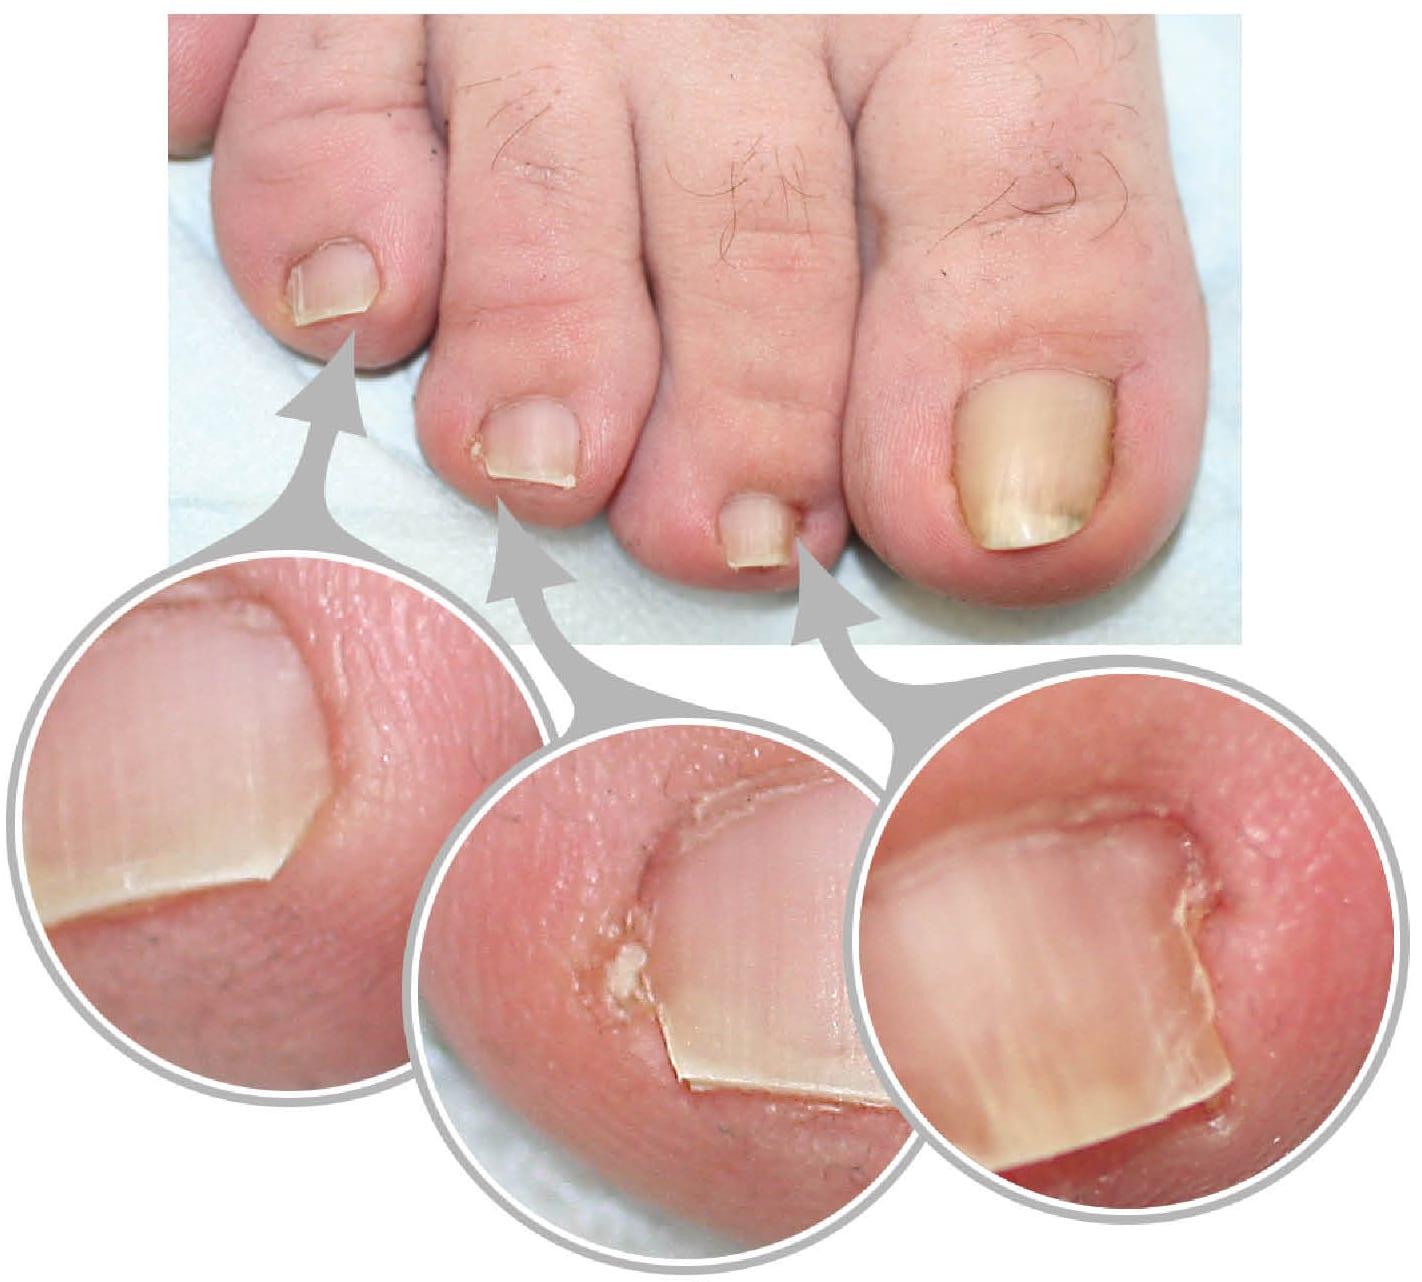 Болят большие пальцы на ногах возле ногтя